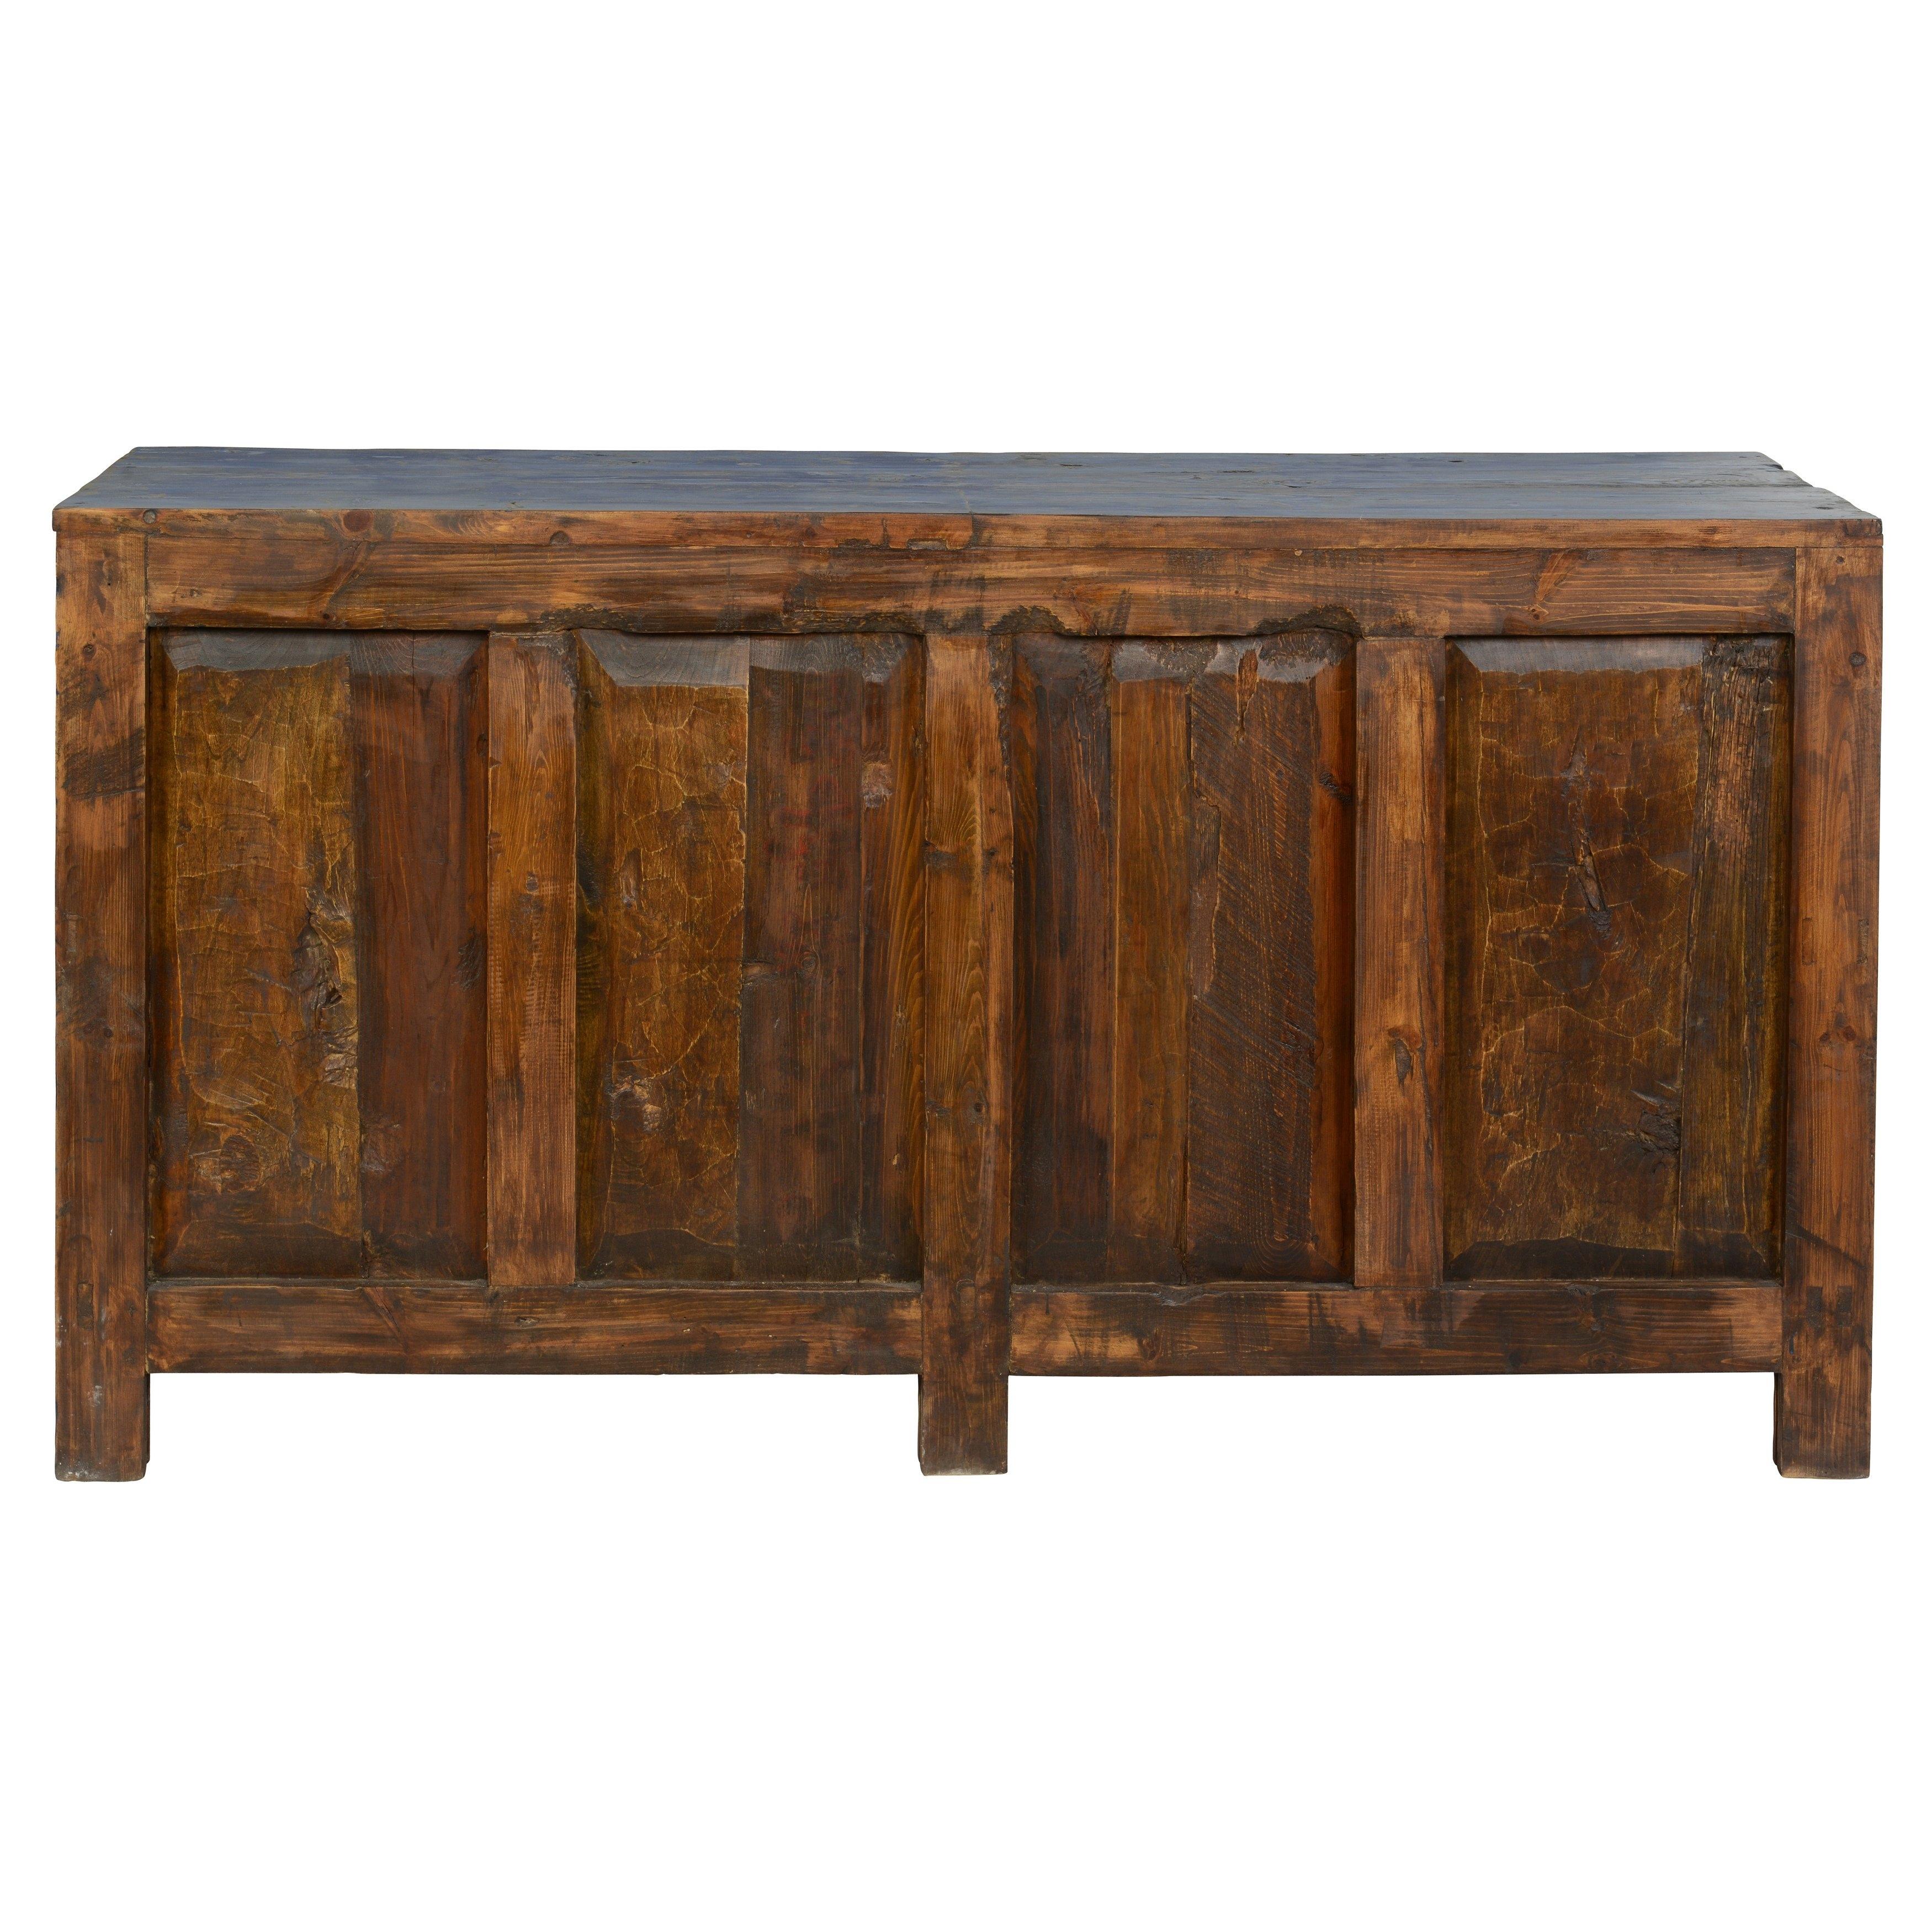 Havana Reclaimed Pine 4 Door Buffetkosas Home – Free Shipping Within Recent Reclaimed Pine 4 Door Sideboards (#10 of 20)